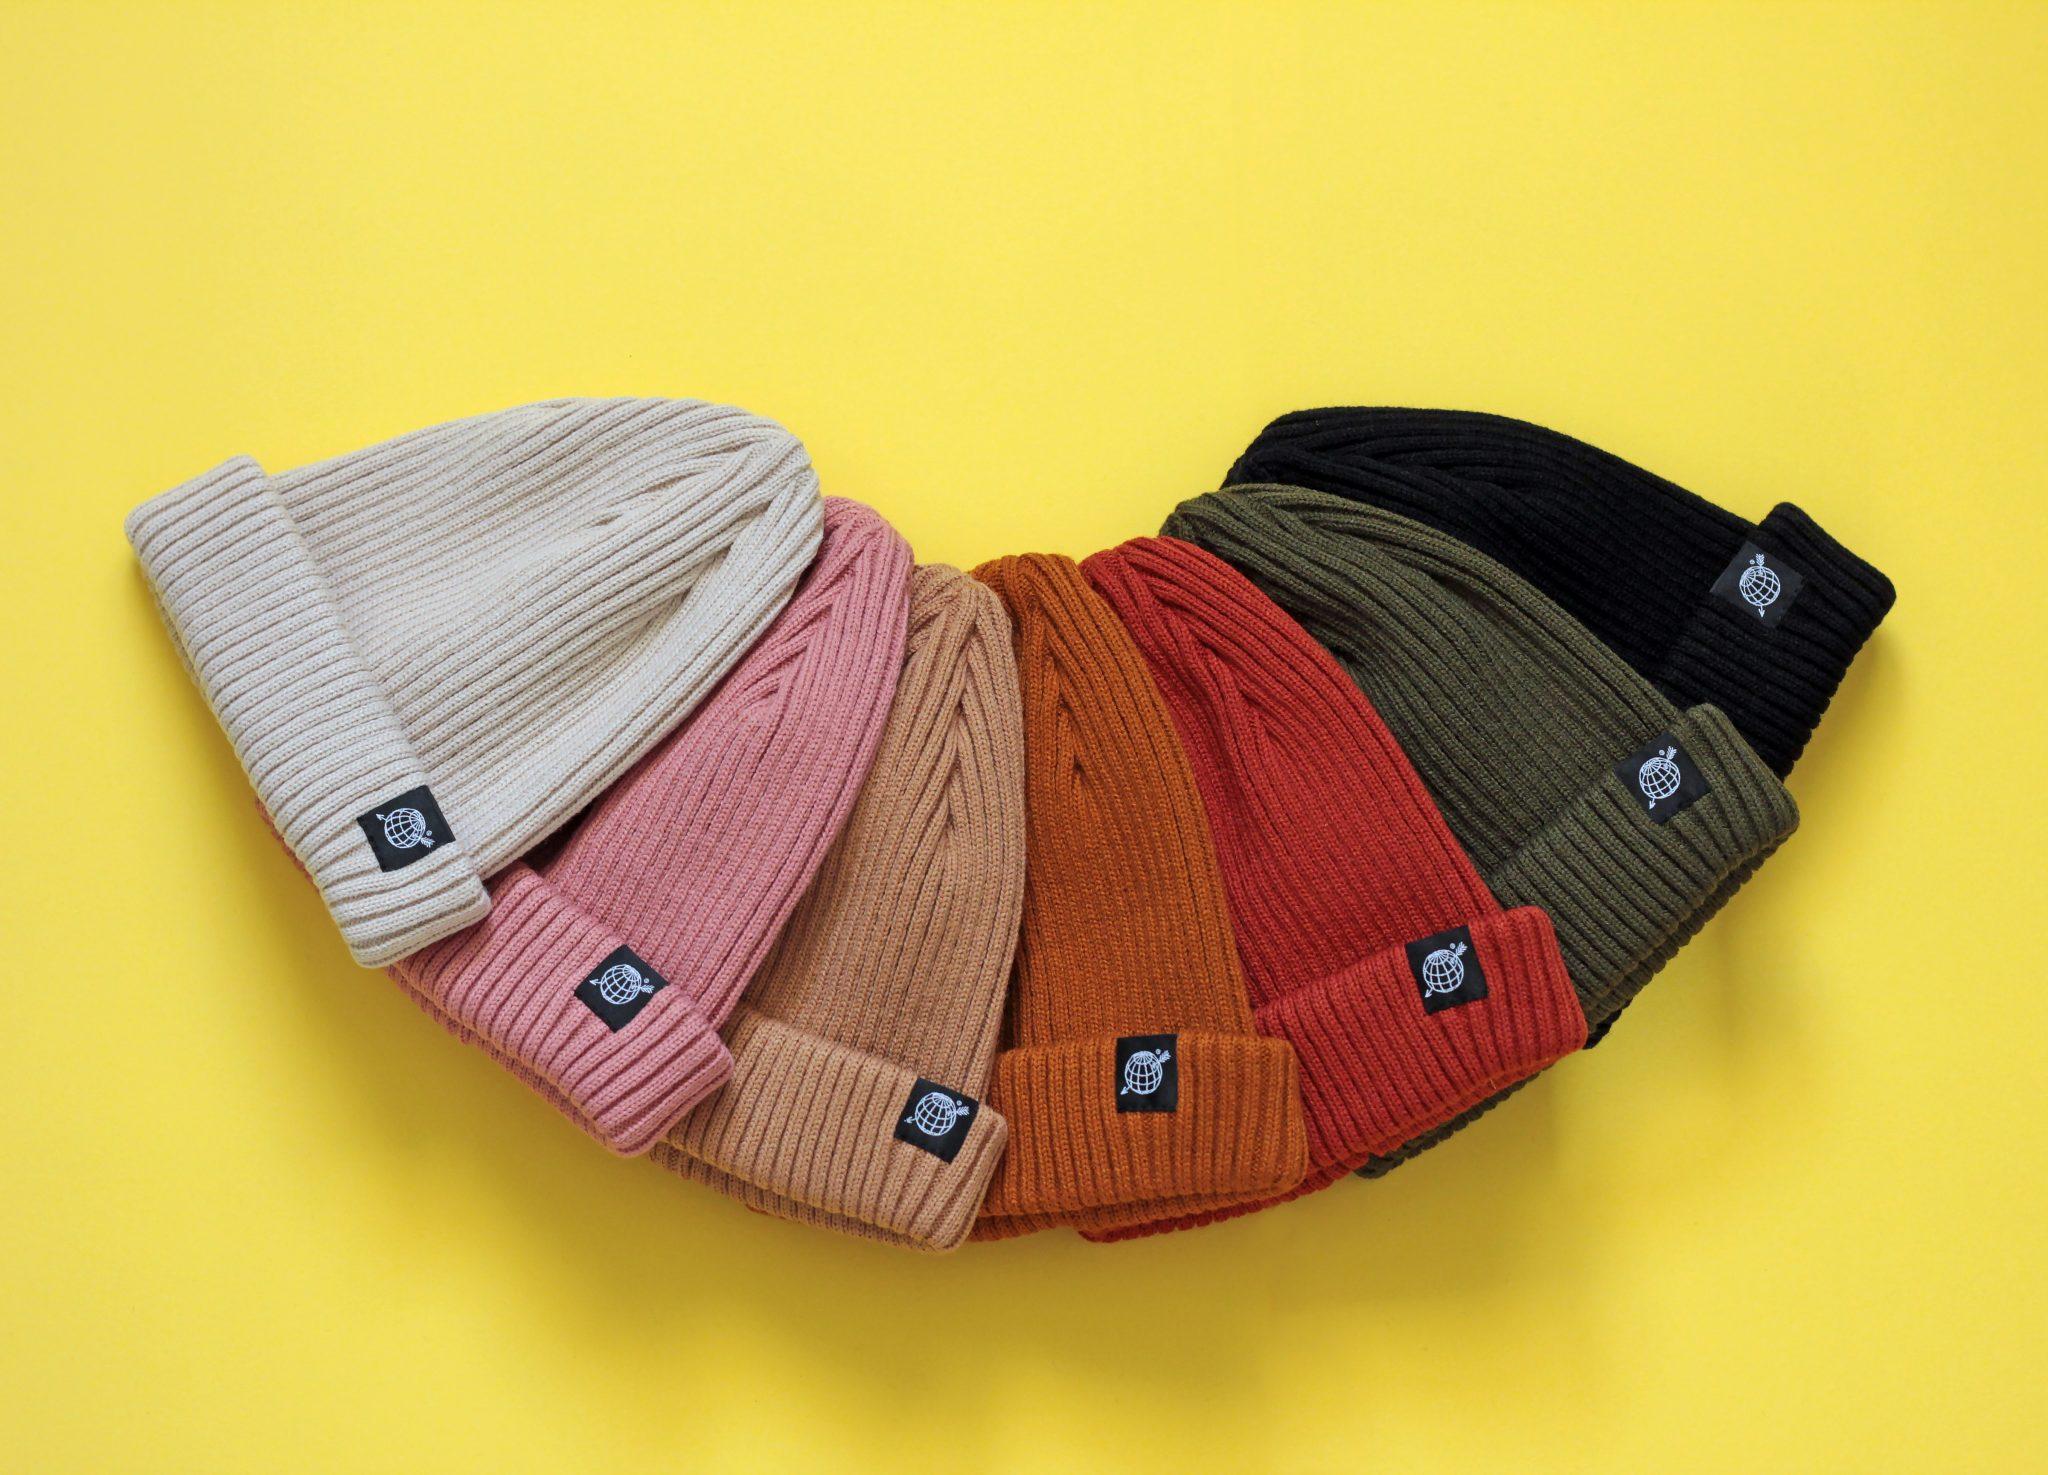 2020-winter-hats-uglycool